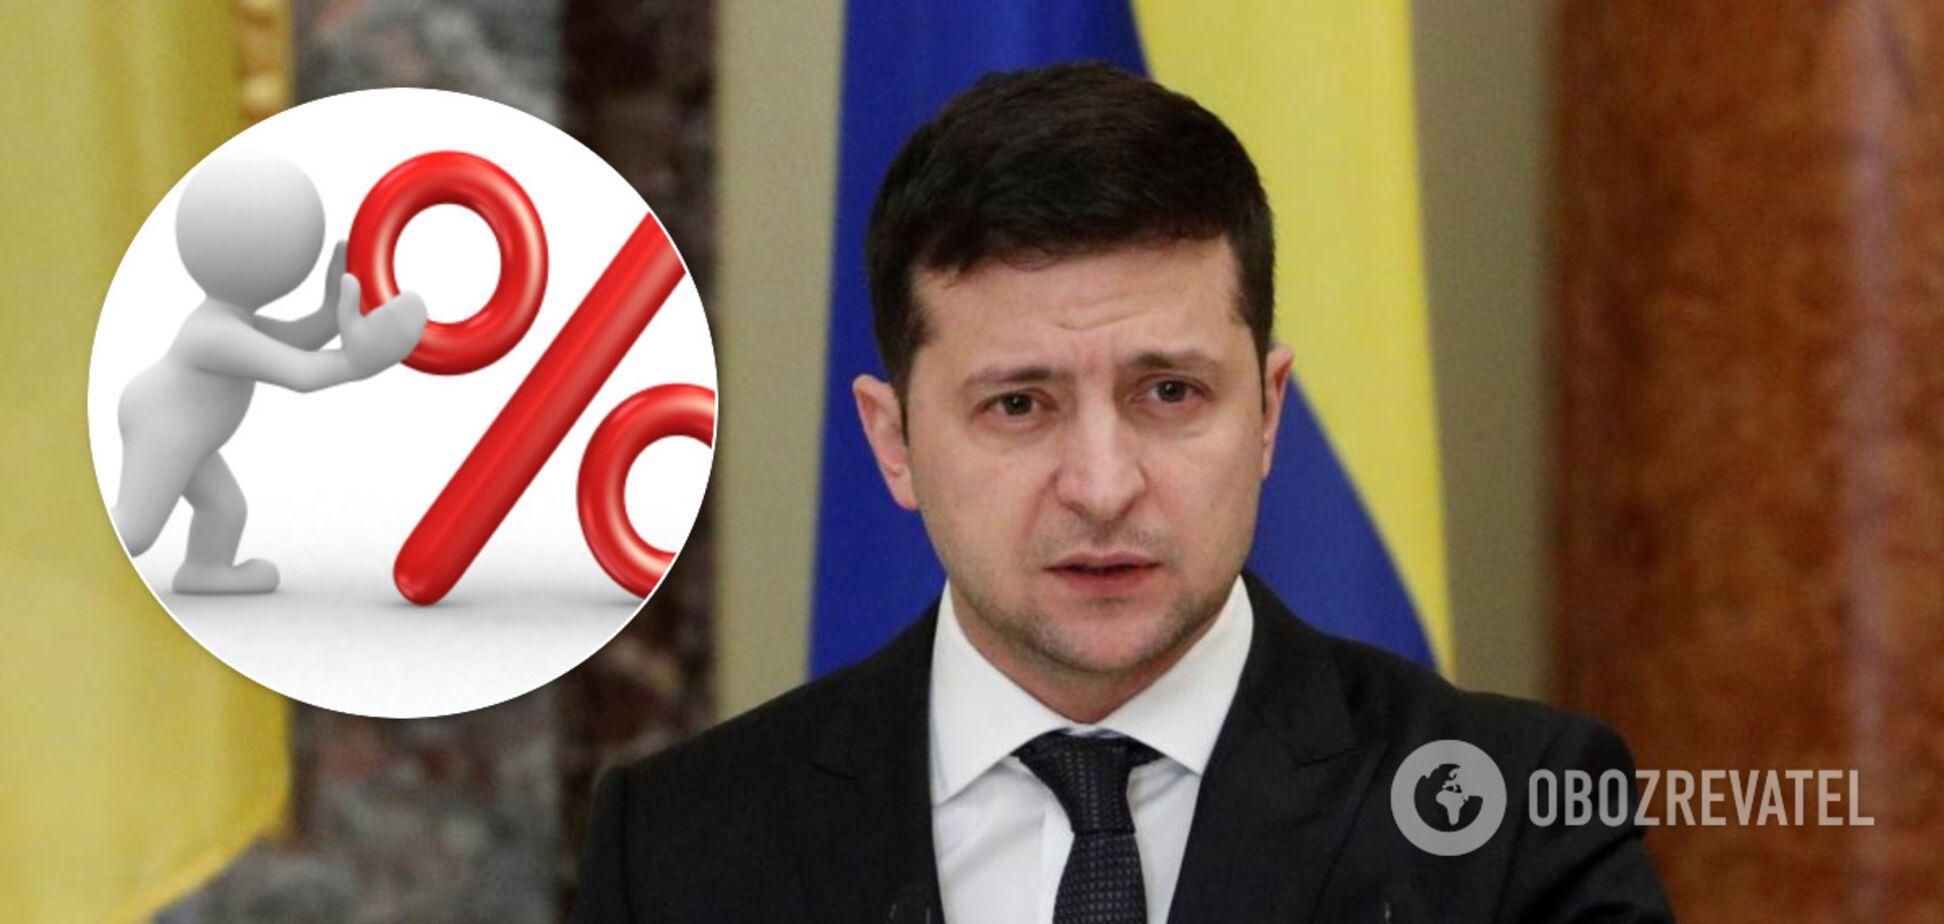 У Зеленского вновь упал рейтинг популярности среди украинцев: новые цифры